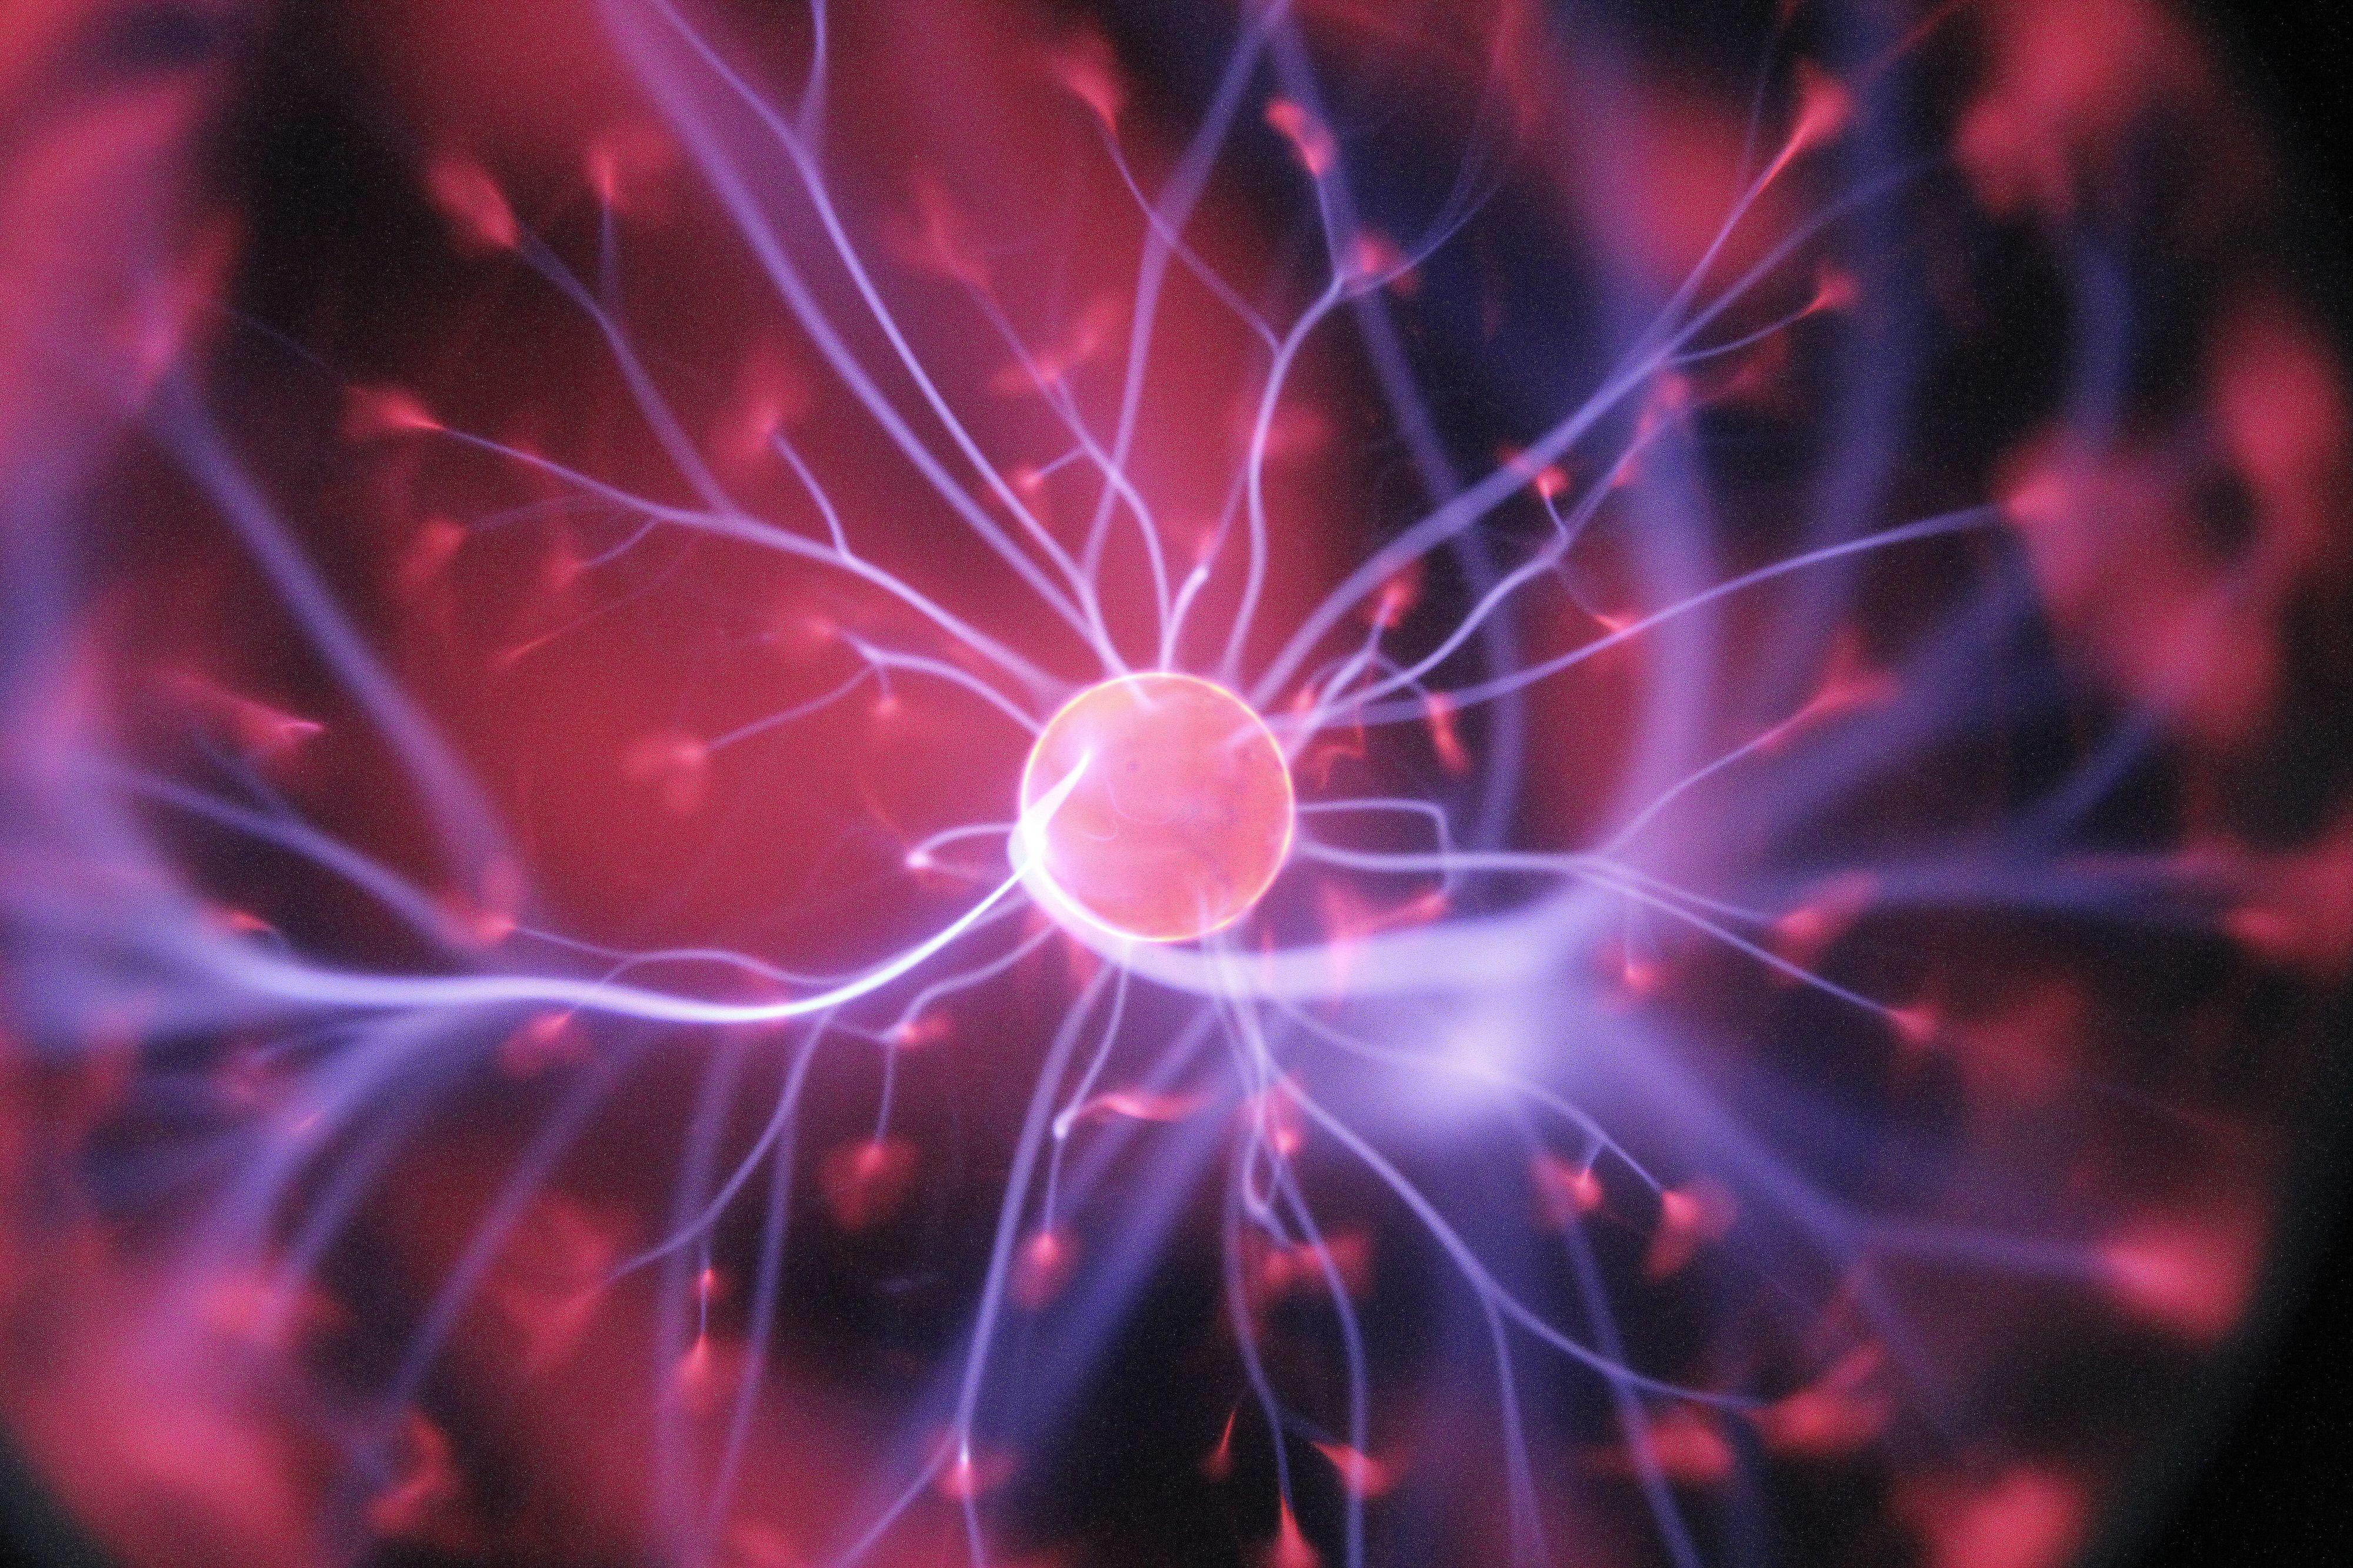 Cientistas do iMM descobrem molécula que ajuda a reverter envelhecimento celular